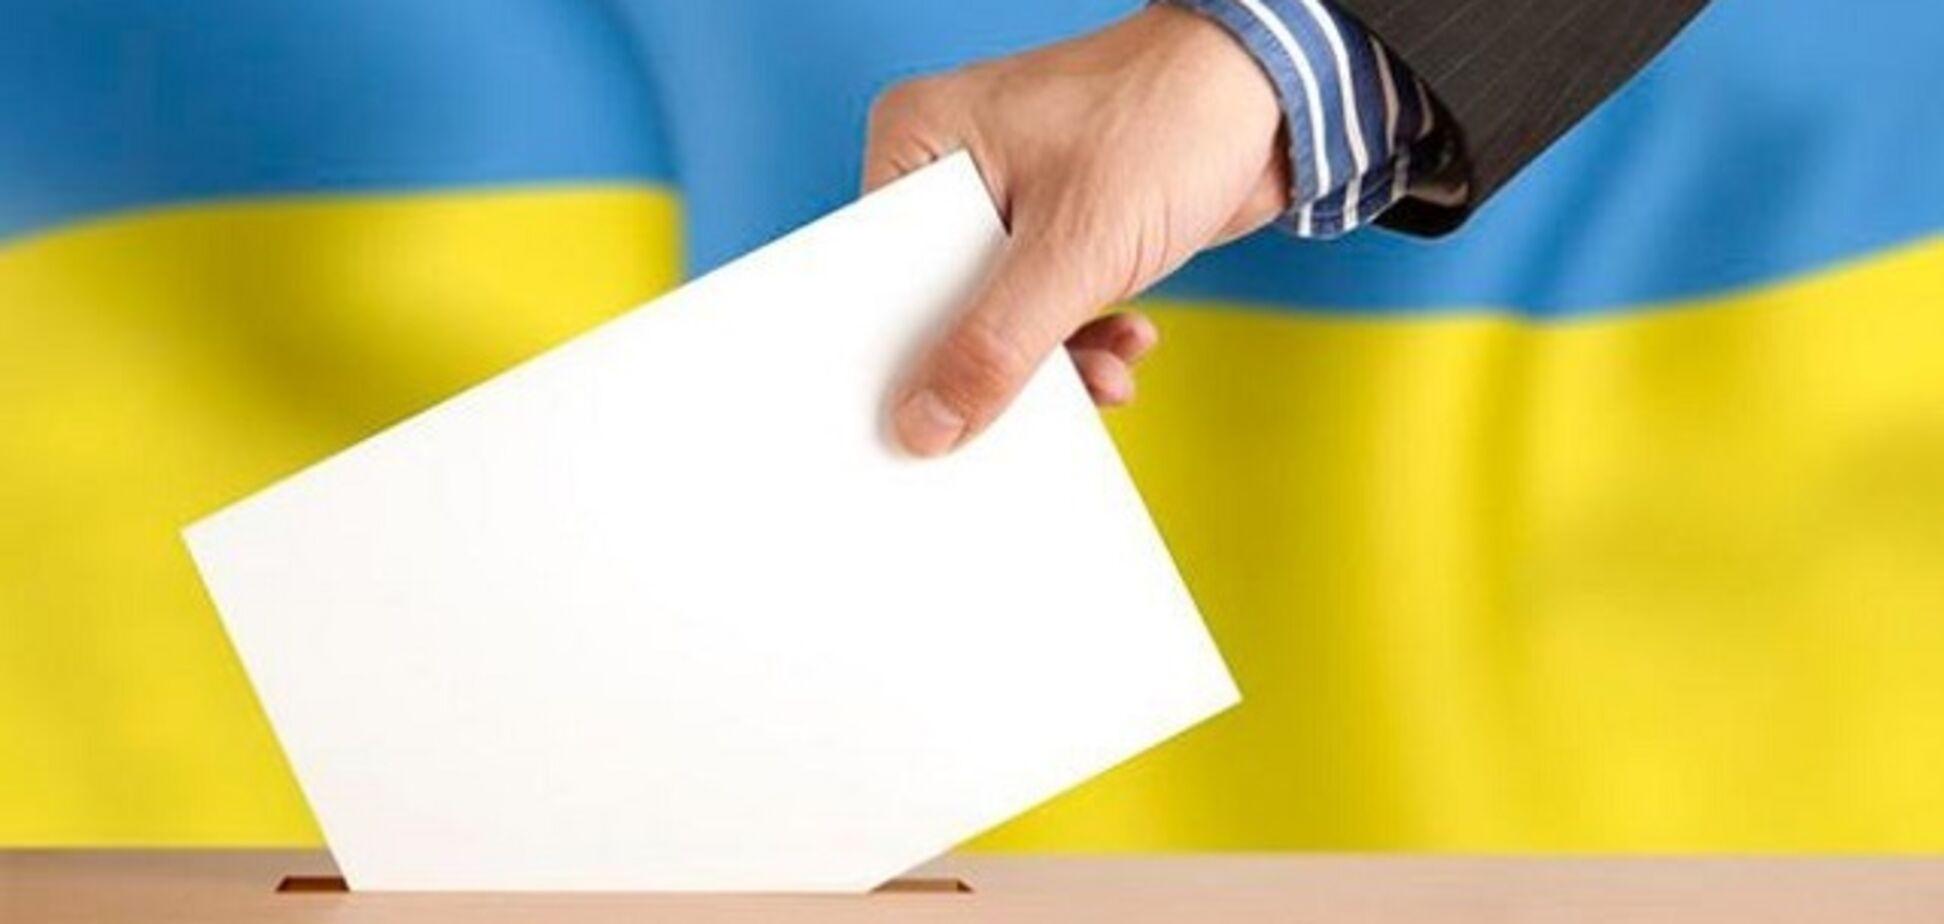 В президентском рейтинге лидируют Тимошенко, Гриценко, Ляшко и Бойко разделили 3 место -  социолог